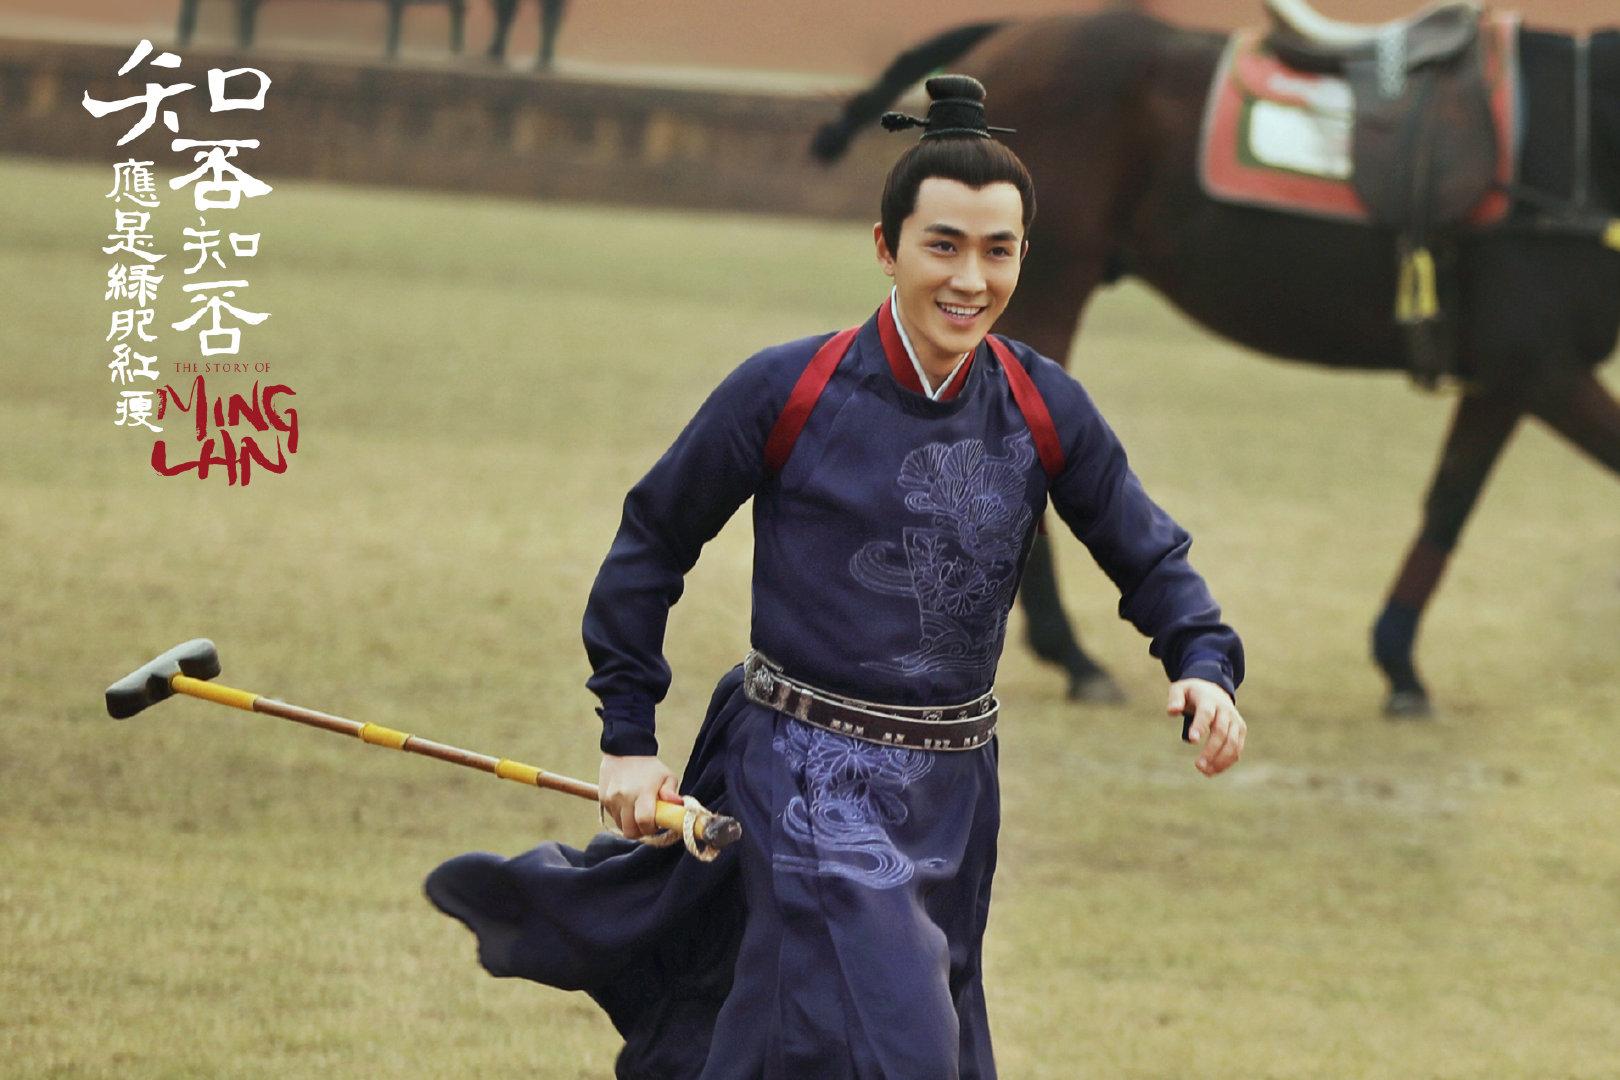 《知否》中,男二号朱一龙把男主冯绍峰的风头都给抢没了[9P]